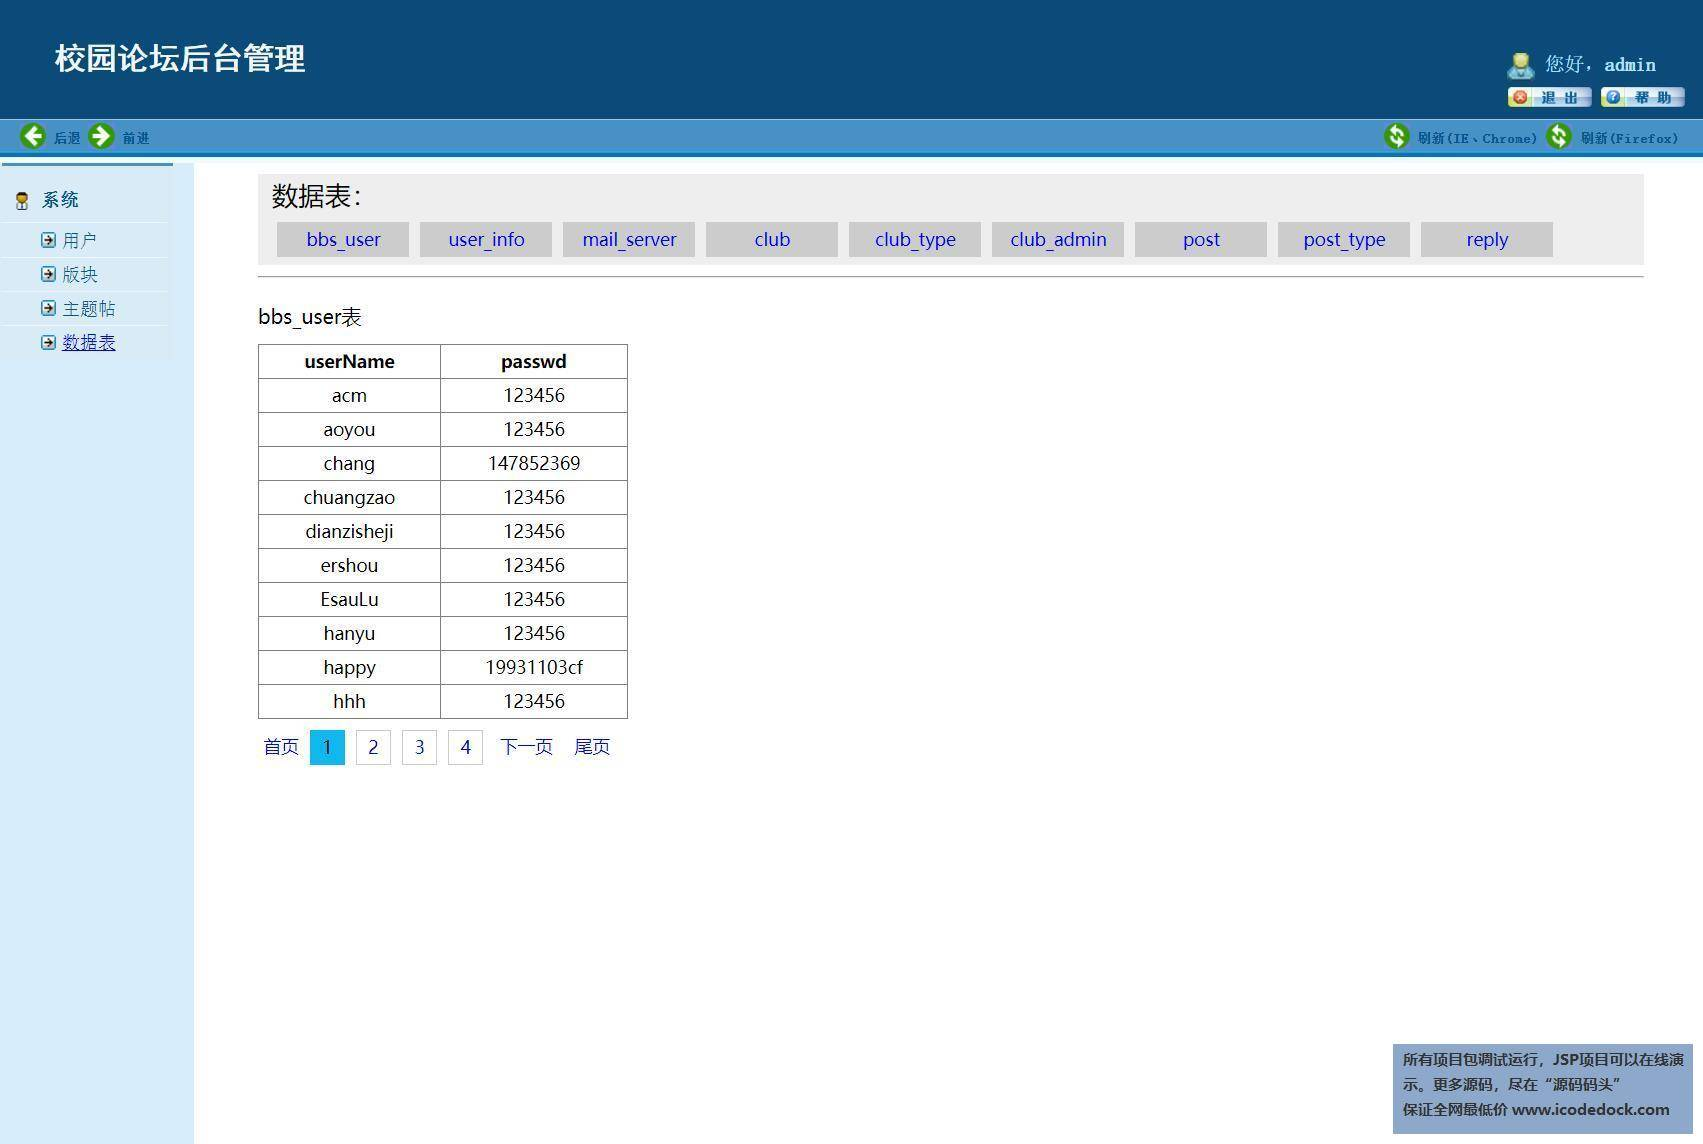 源码码头-JSP校园论坛管理系统-管理员角色-数据查看